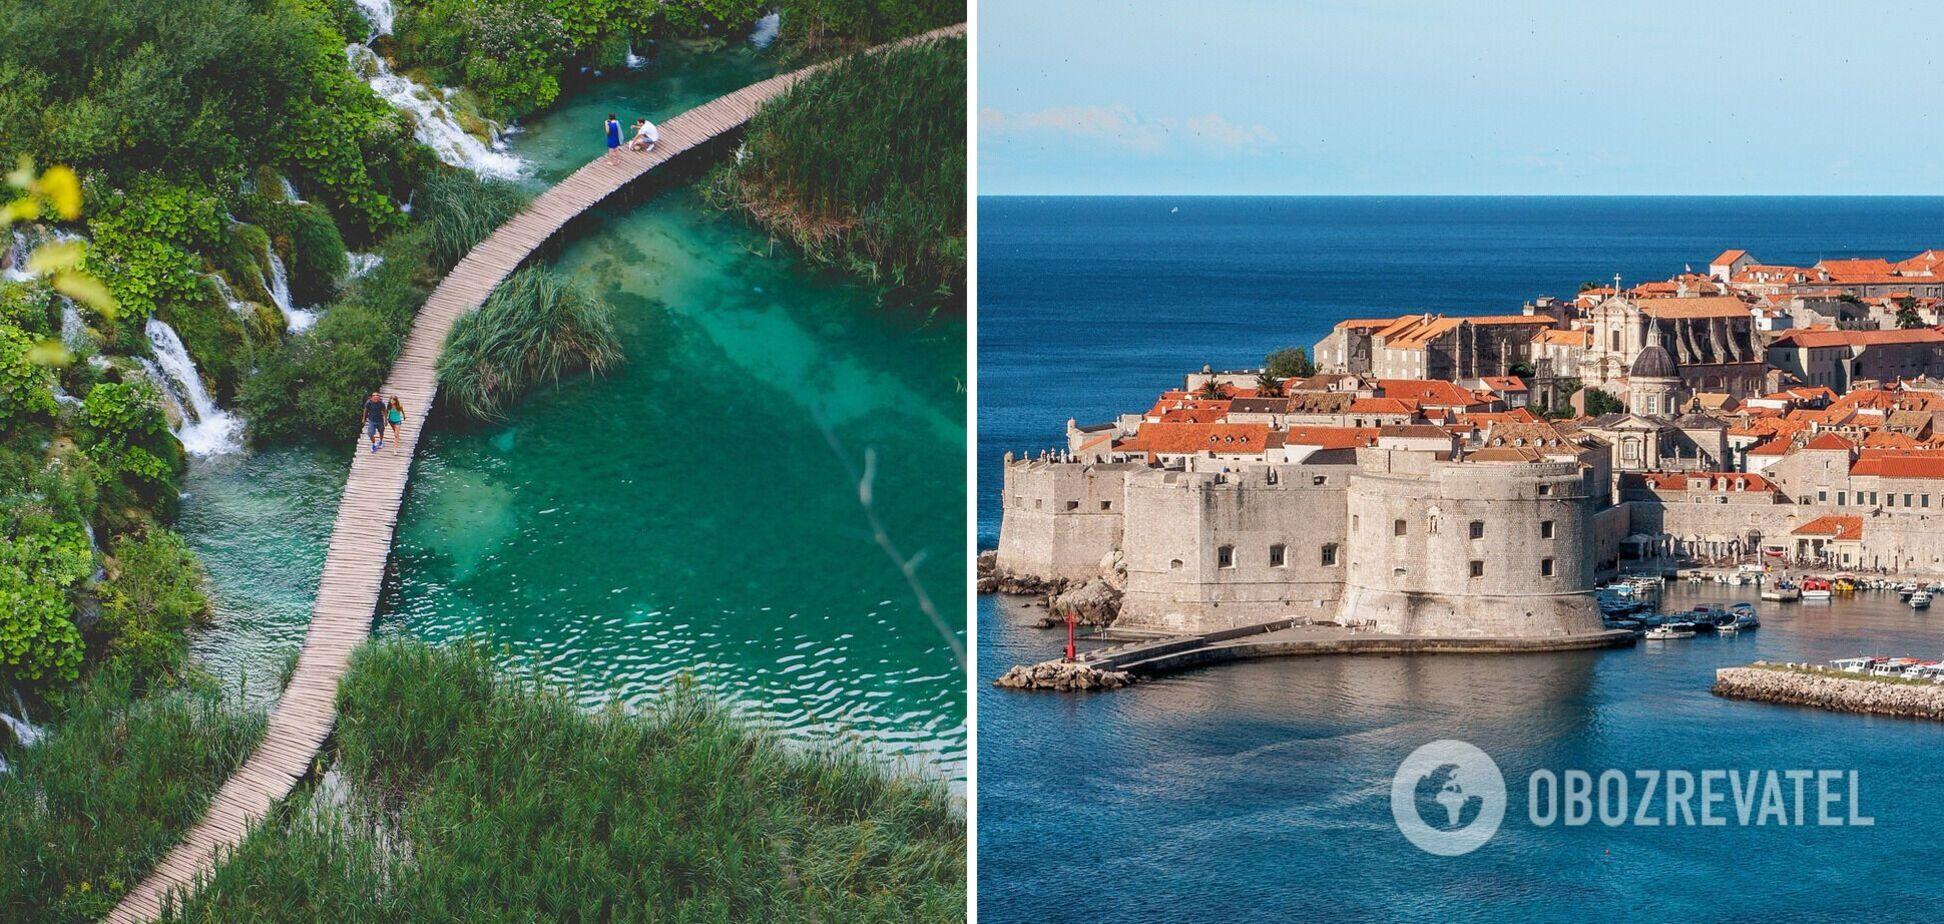 Турист порівняв відпочинок в Хорватії і Чорногорії